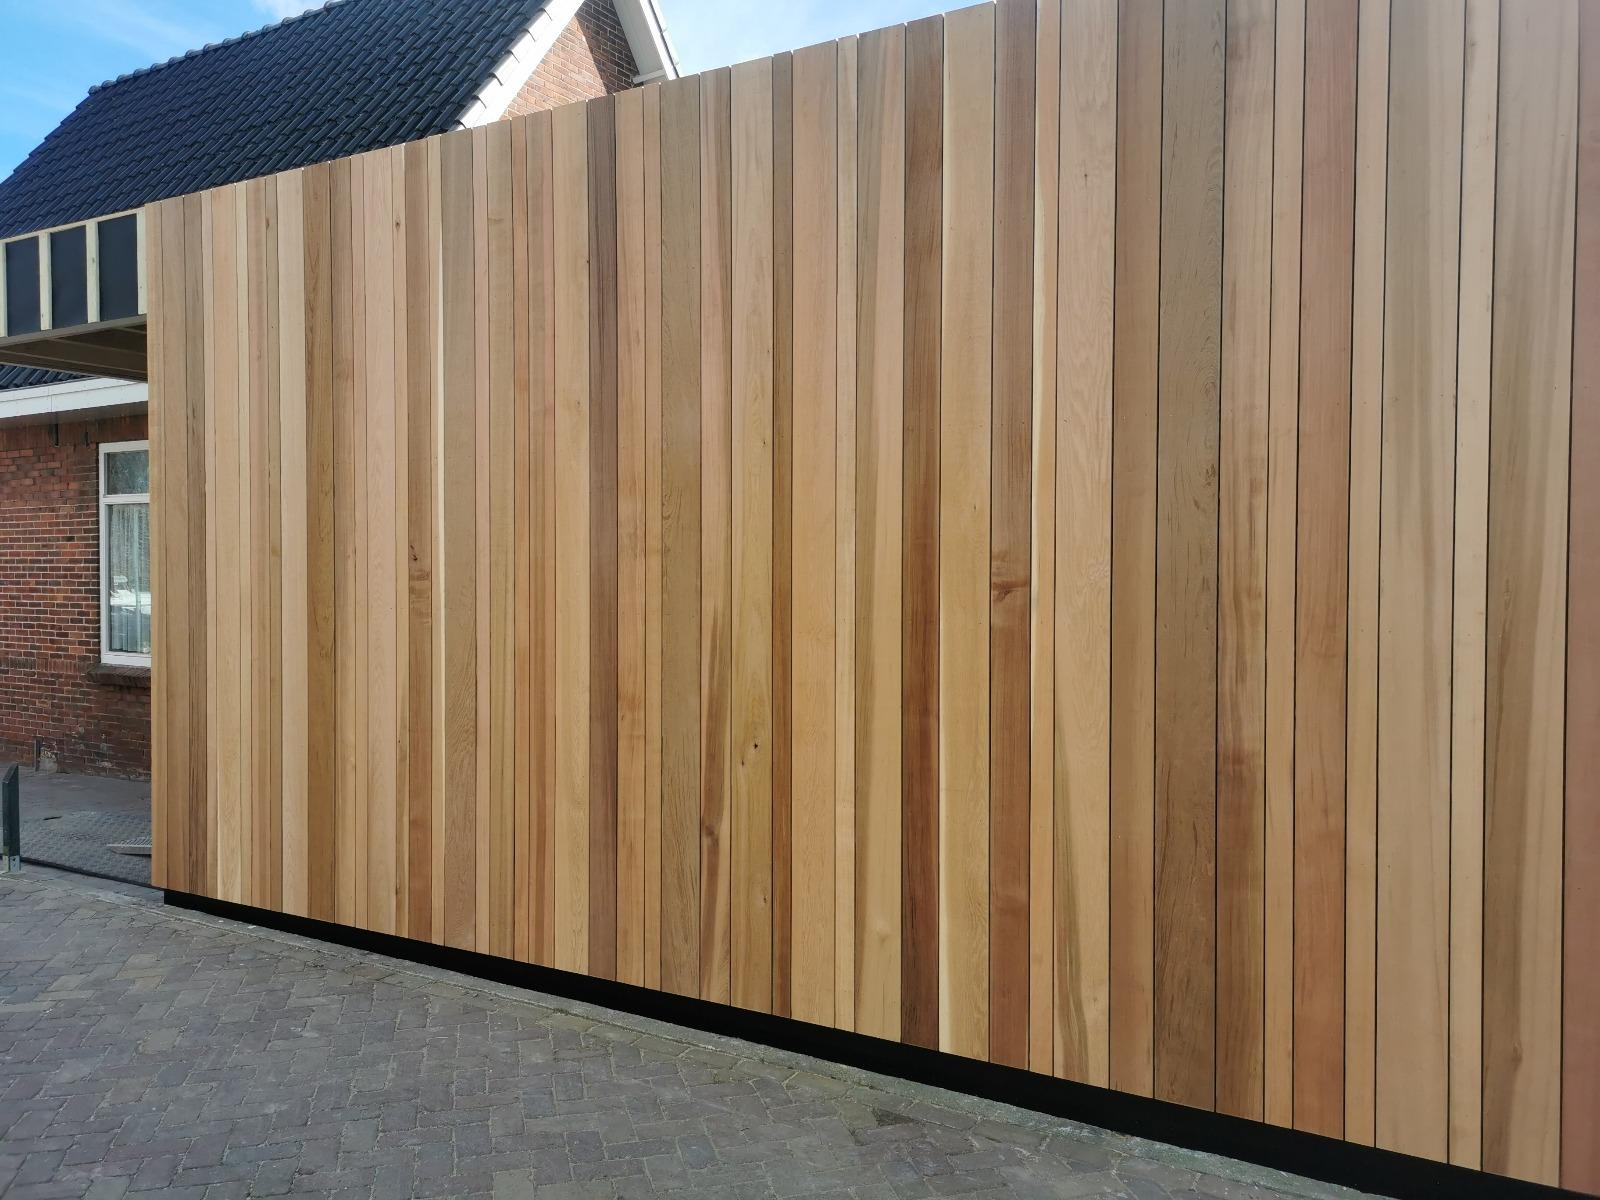 Ons bouwproject in Leimuiden